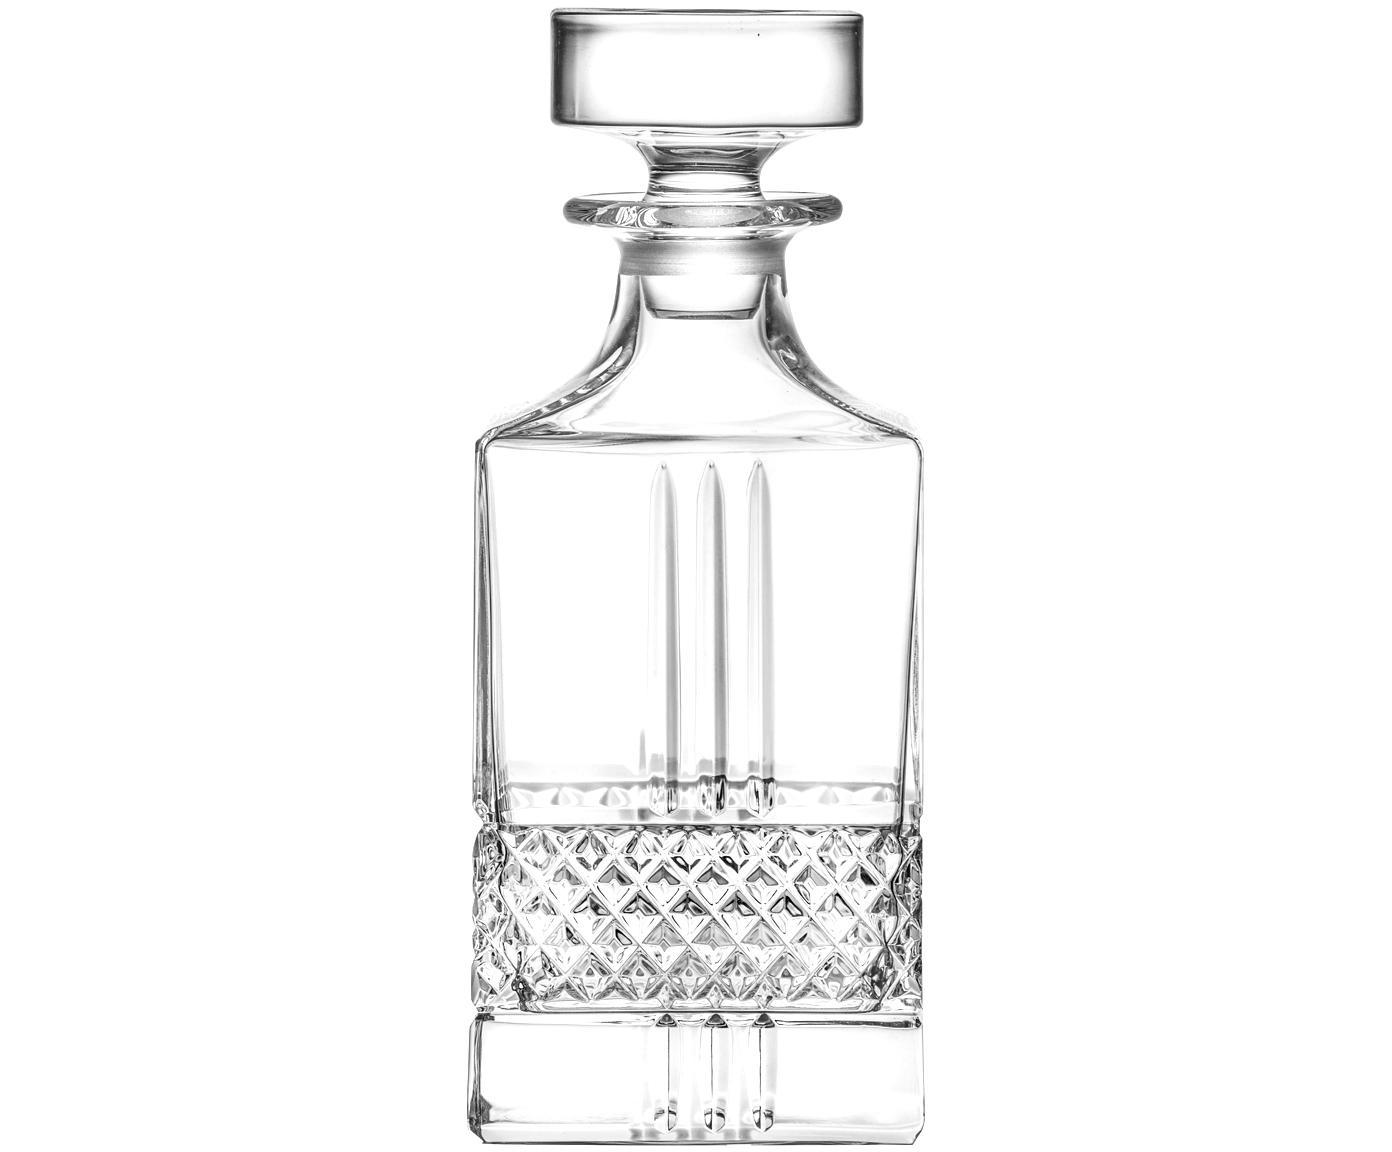 Decantador de cristal Calicavino, Cristal, Transparente, Al 19 cm